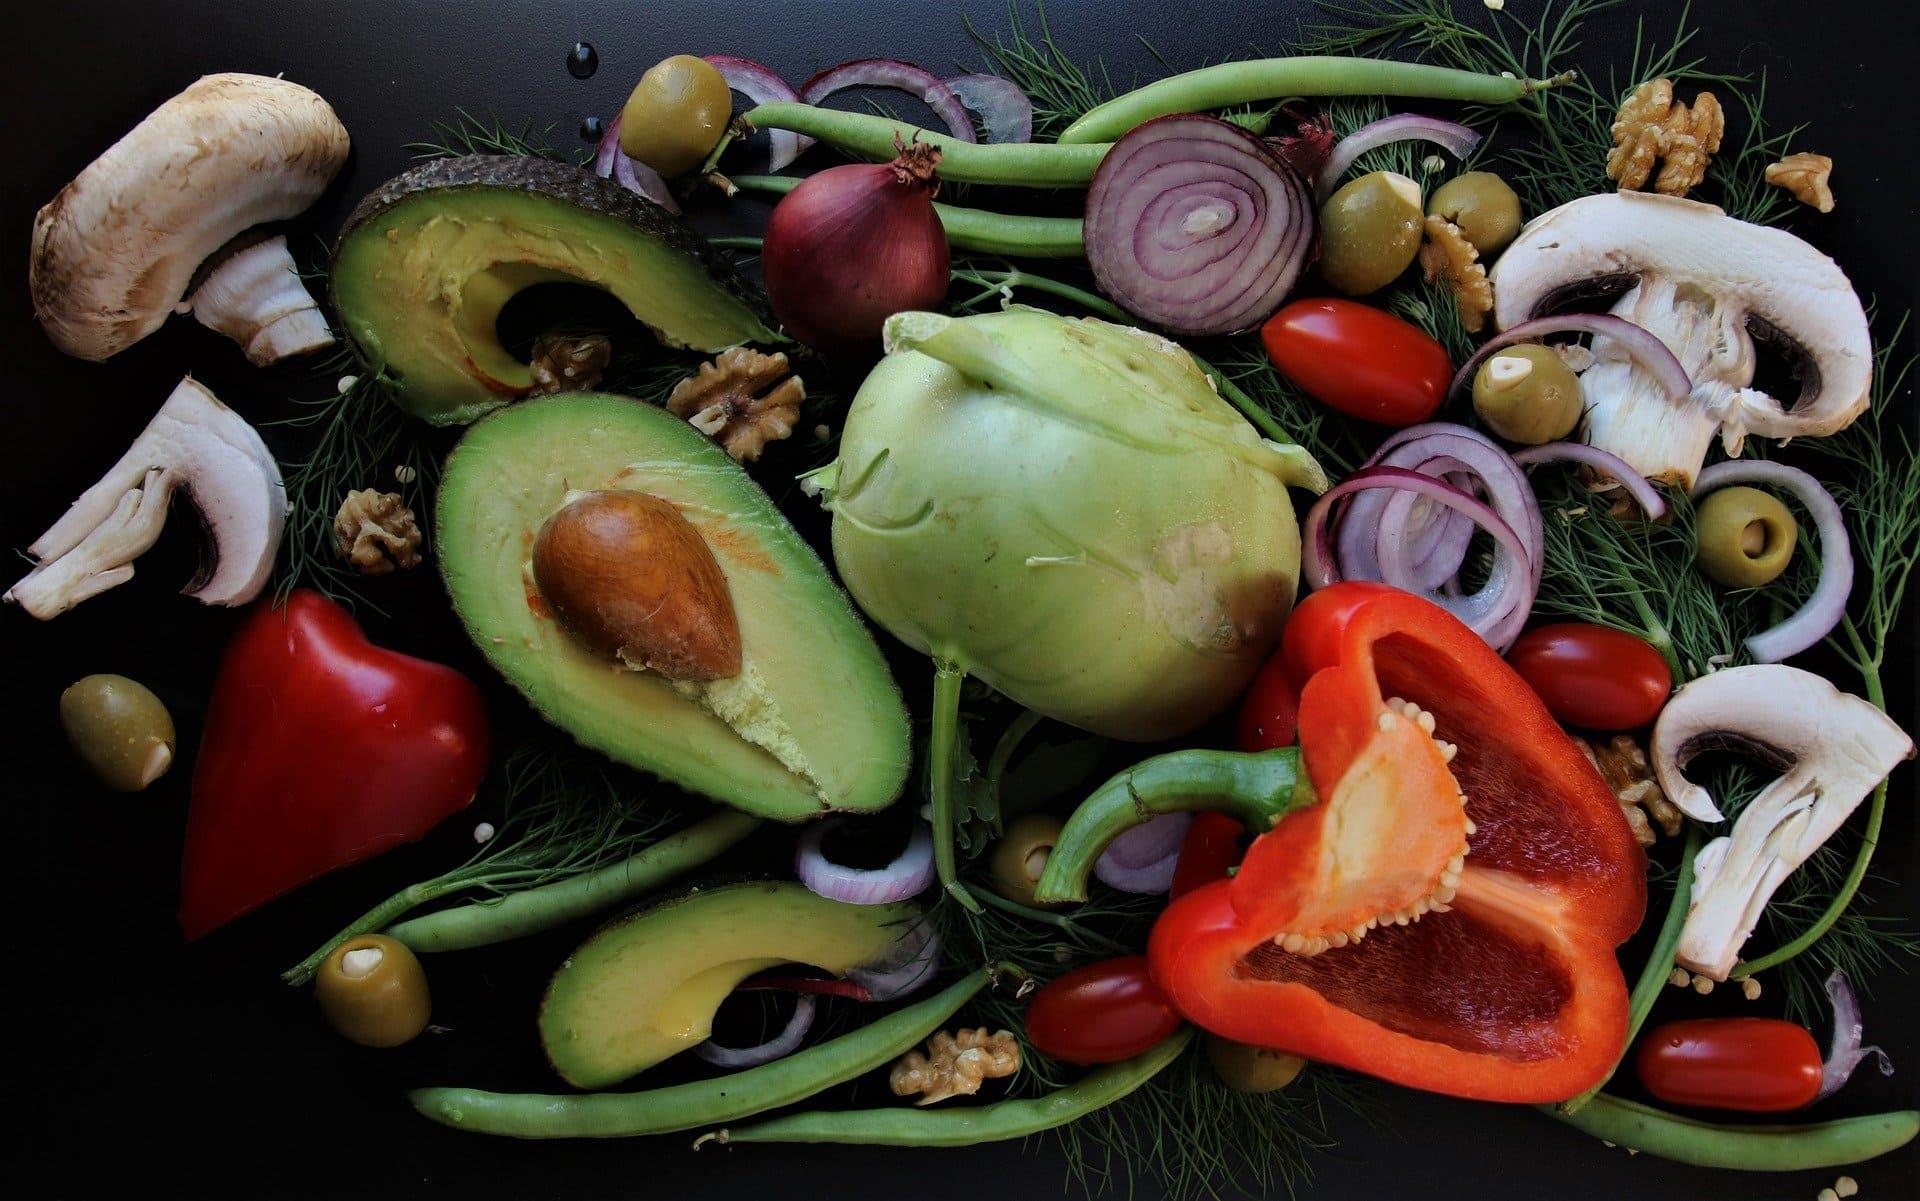 Veganuary - miesiąc pełen warzyw!